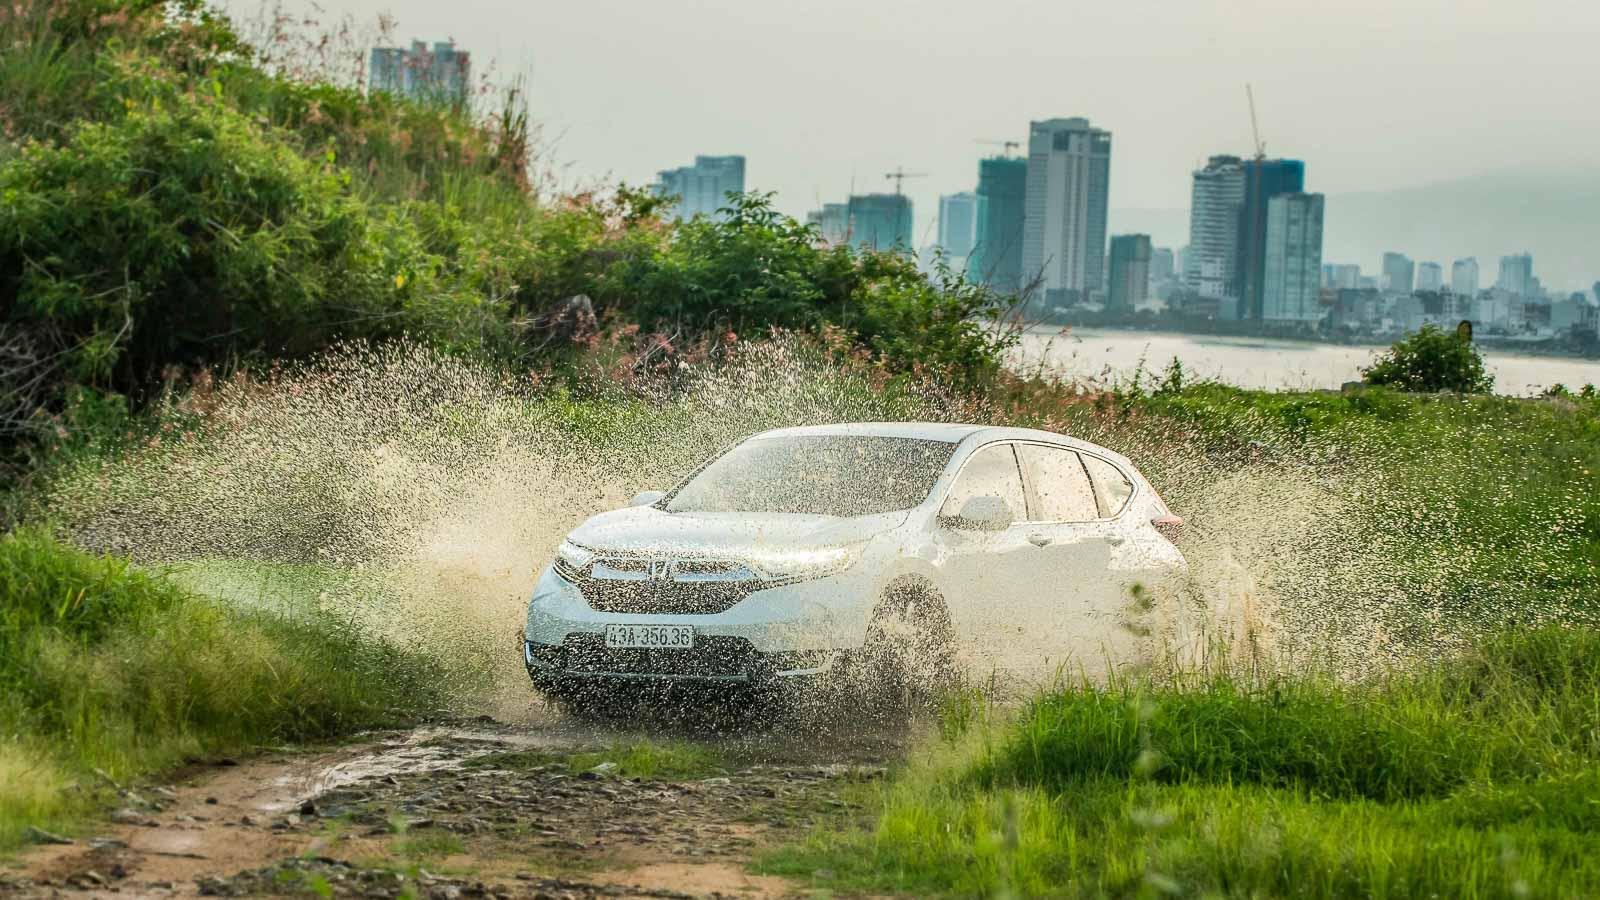 Chênh giá tới 110 triệu, các phiên bản Honda CR-V khác nhau những gì?